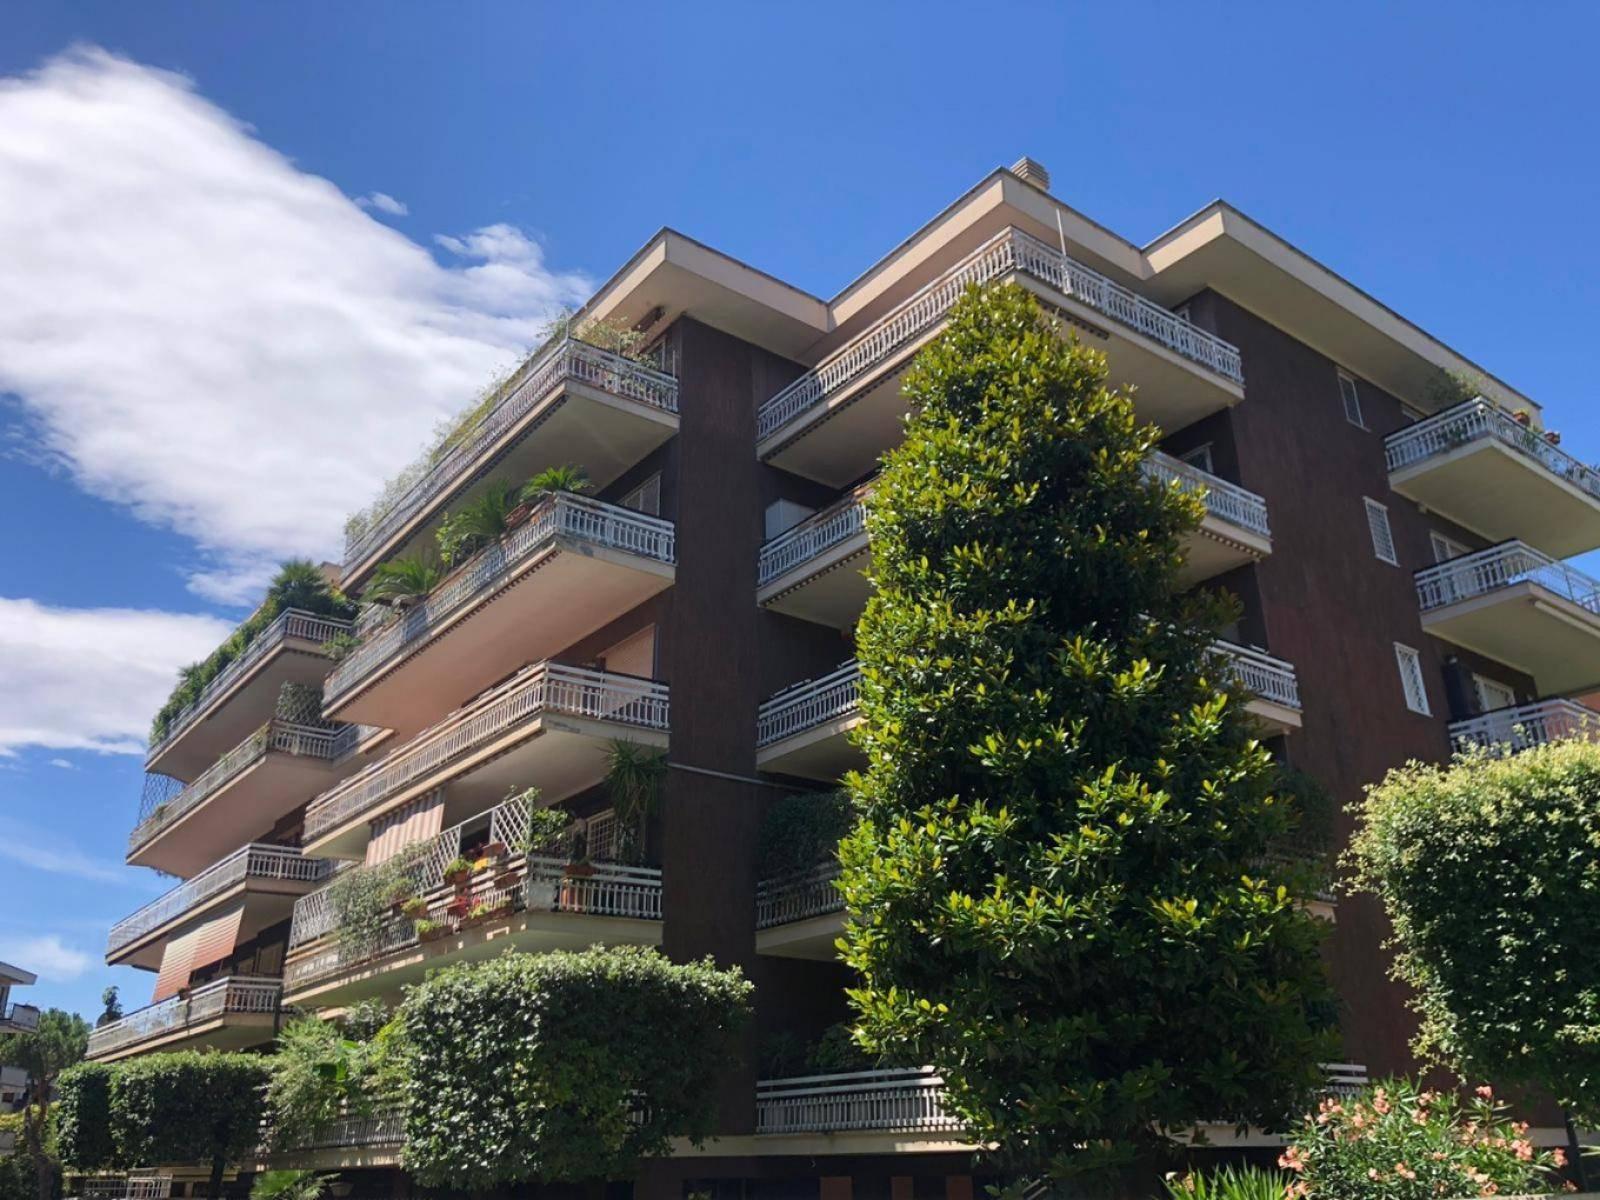 1118417853 Plurilocale (8) in Via Antonio Silvani, Roma, Zona Nuovo Salario